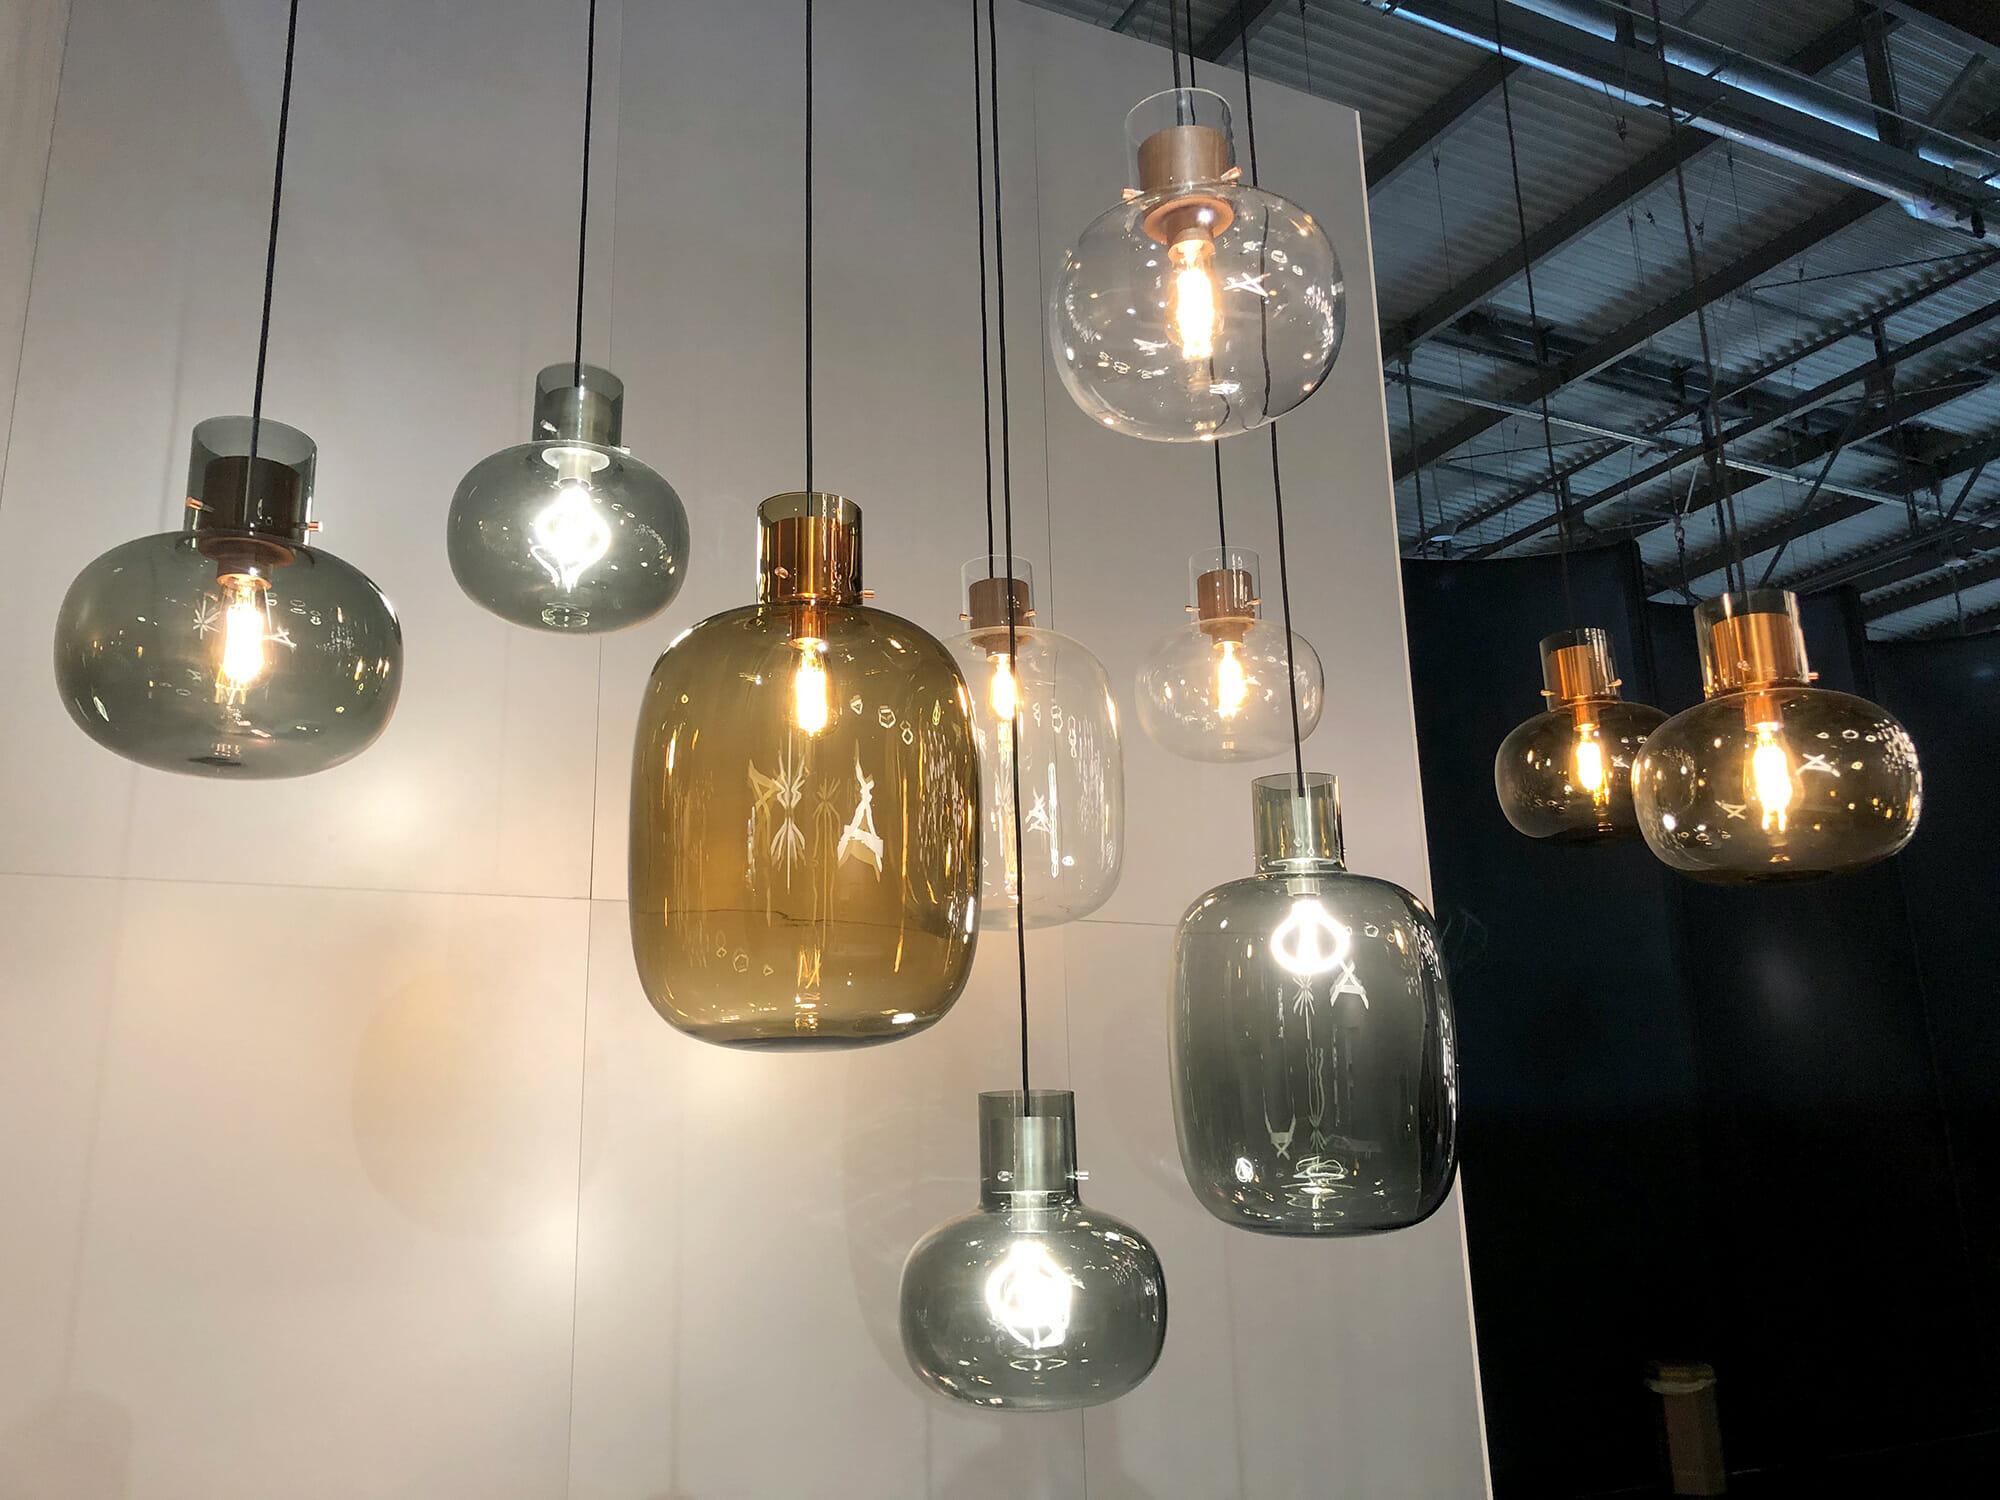 柴田文江さんはBROKISから新作の照明を発表した